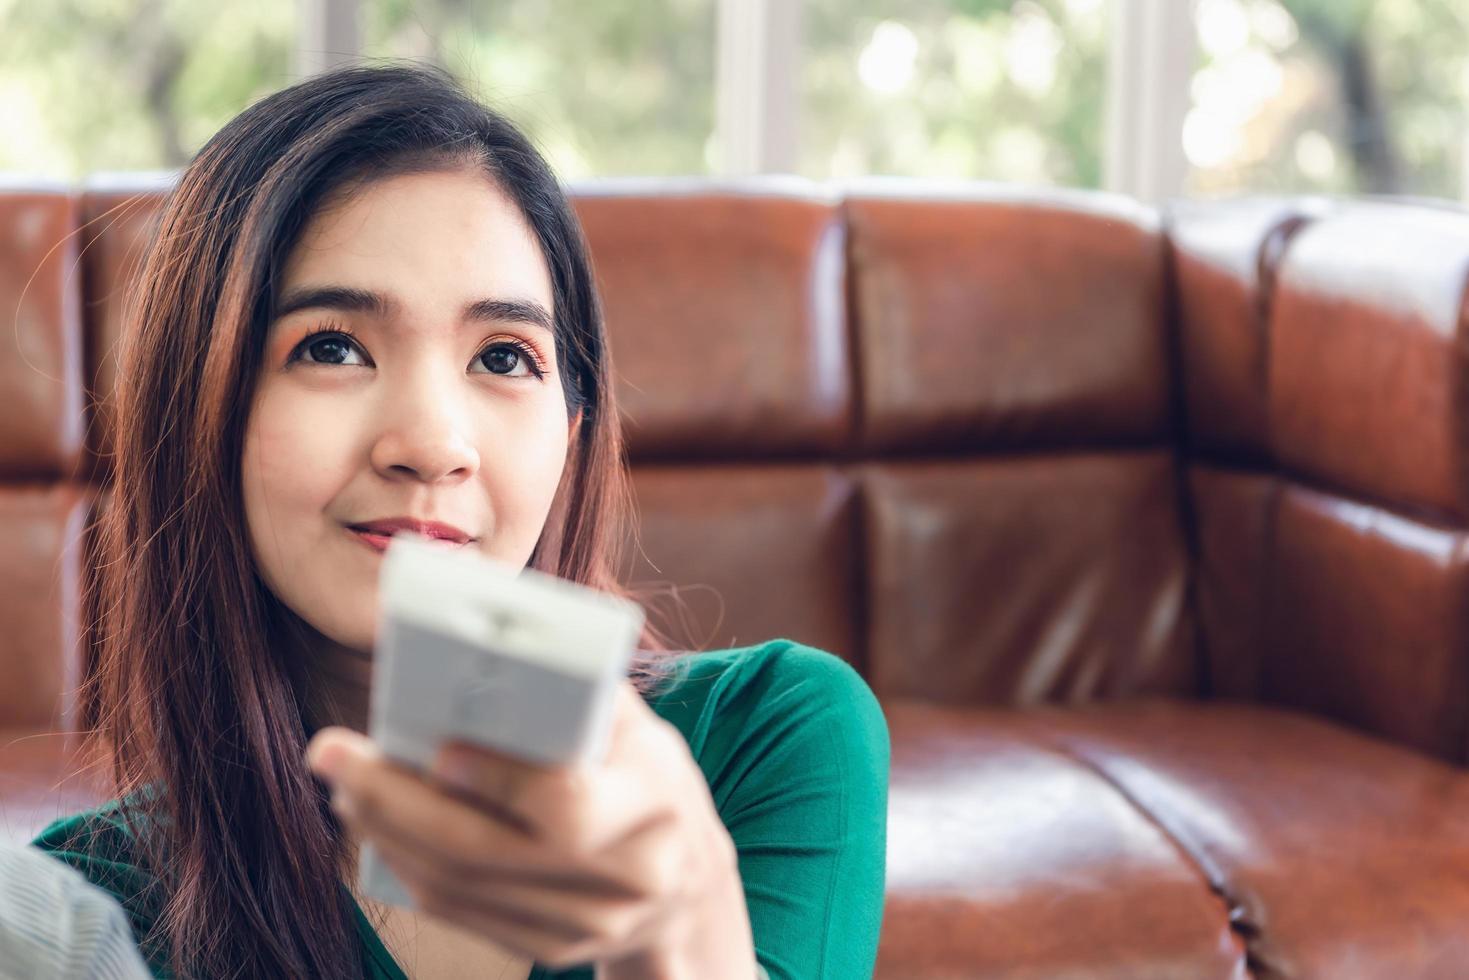 ung asiatisk kvinna sett hemma som kontrollerar elektrisk luftkonditionering foto